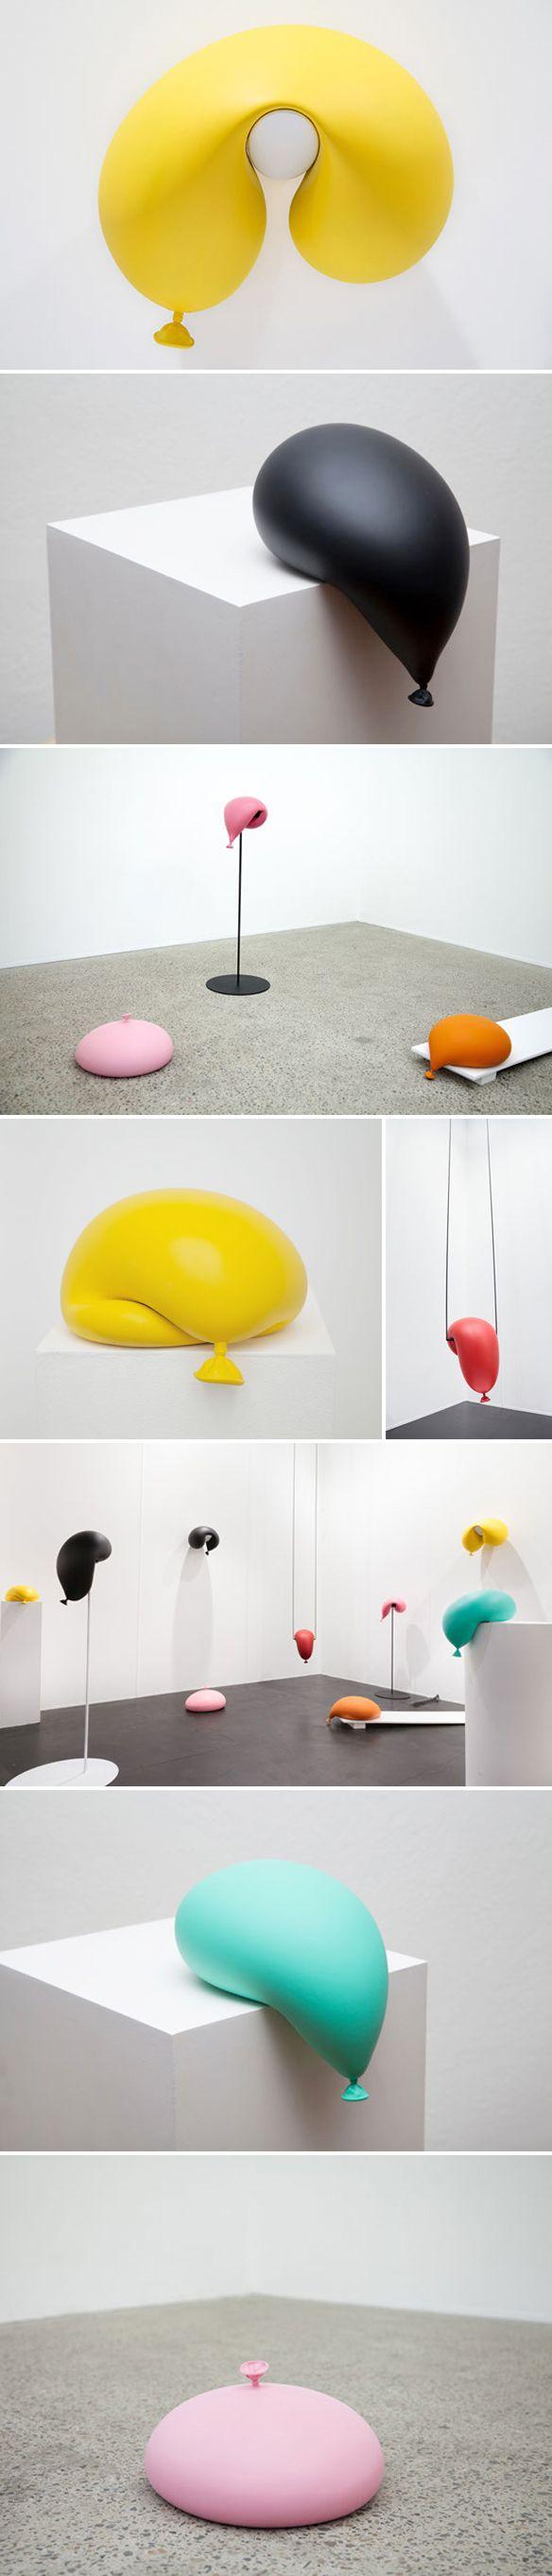 balloon installation                                                                                                                                                                                 Más